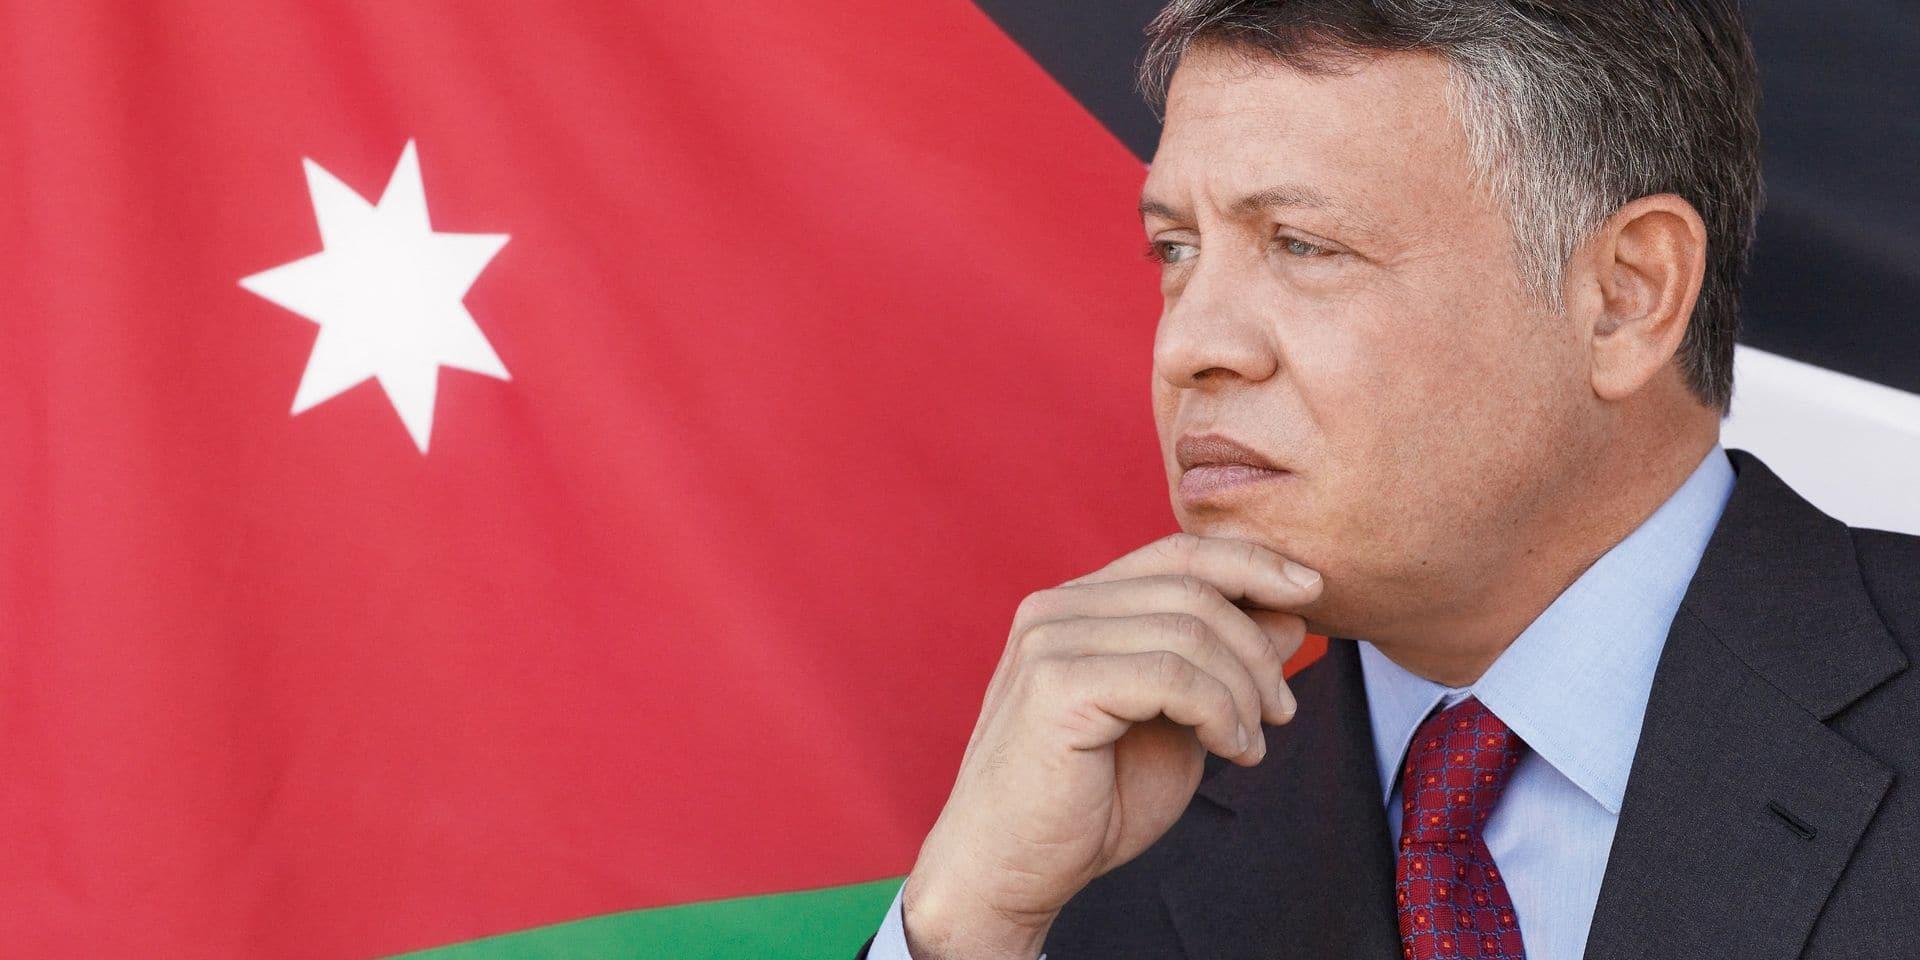 Les pays du Golfe font bloc derrière le pouvoir jordanien